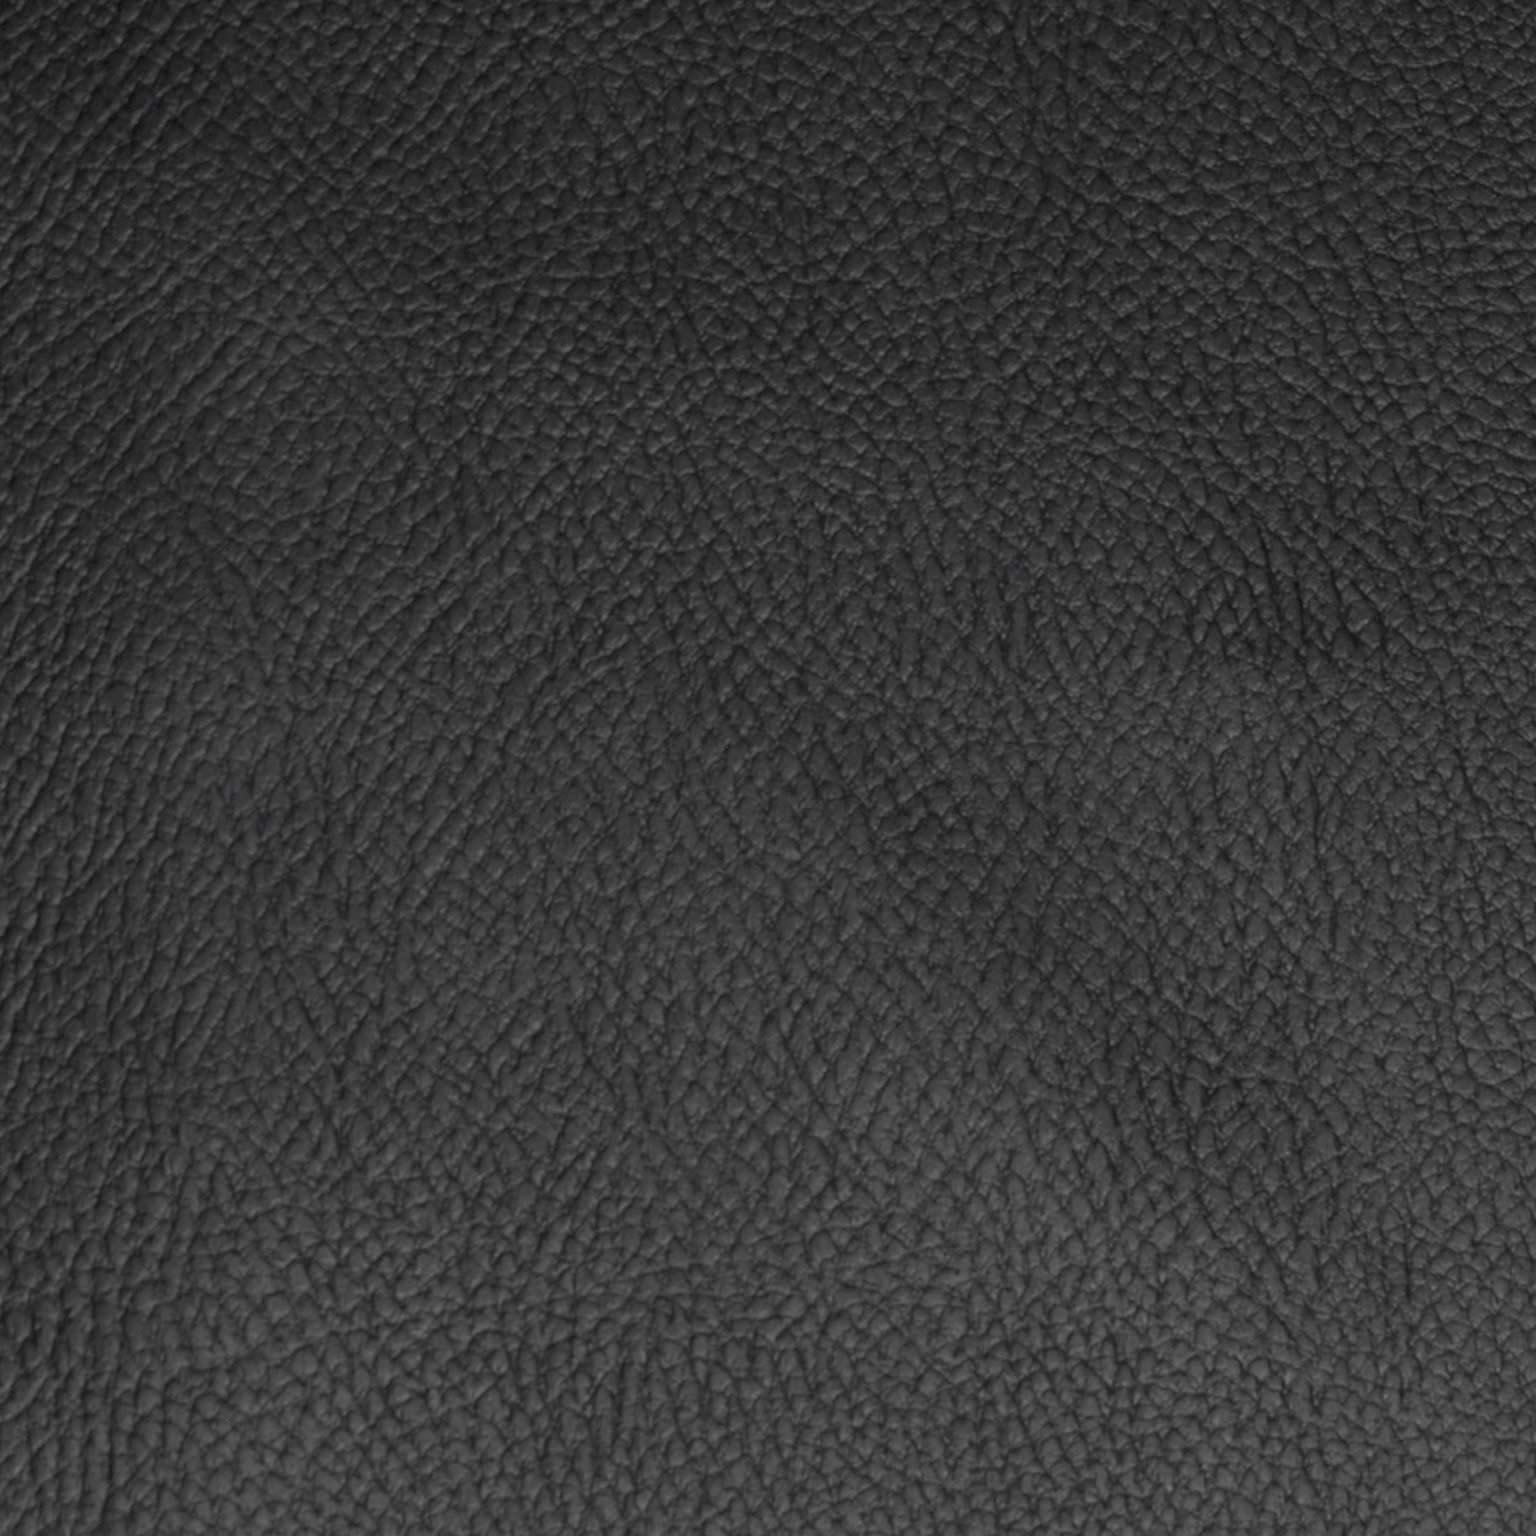 Faux leather_e97-029